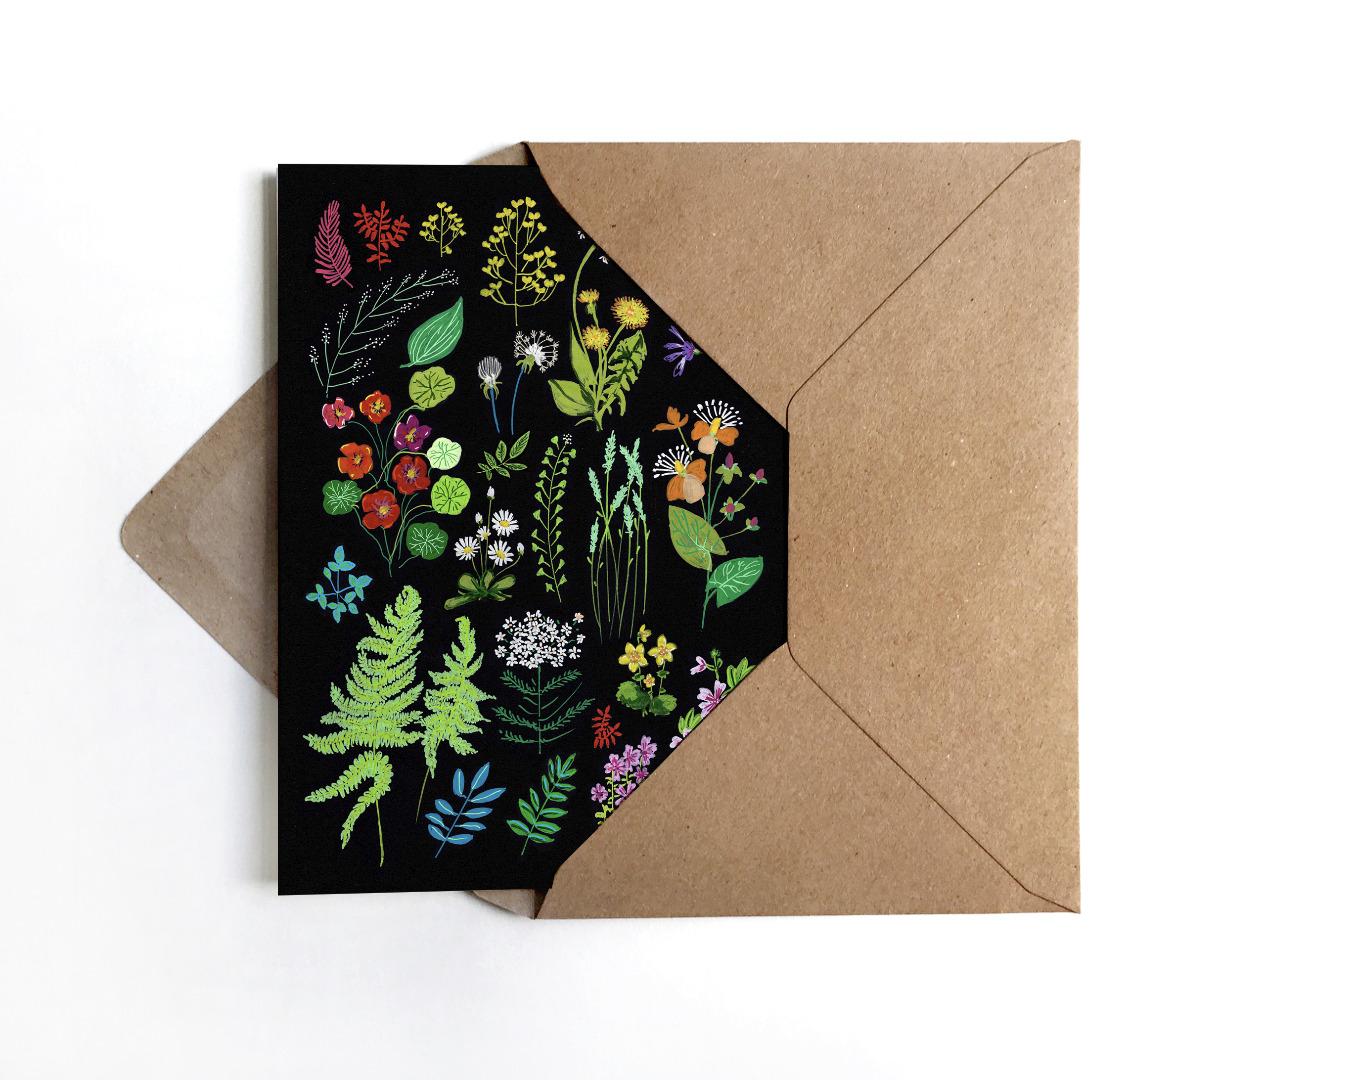 Grußkarte Wald und Wiesenblumen - 1